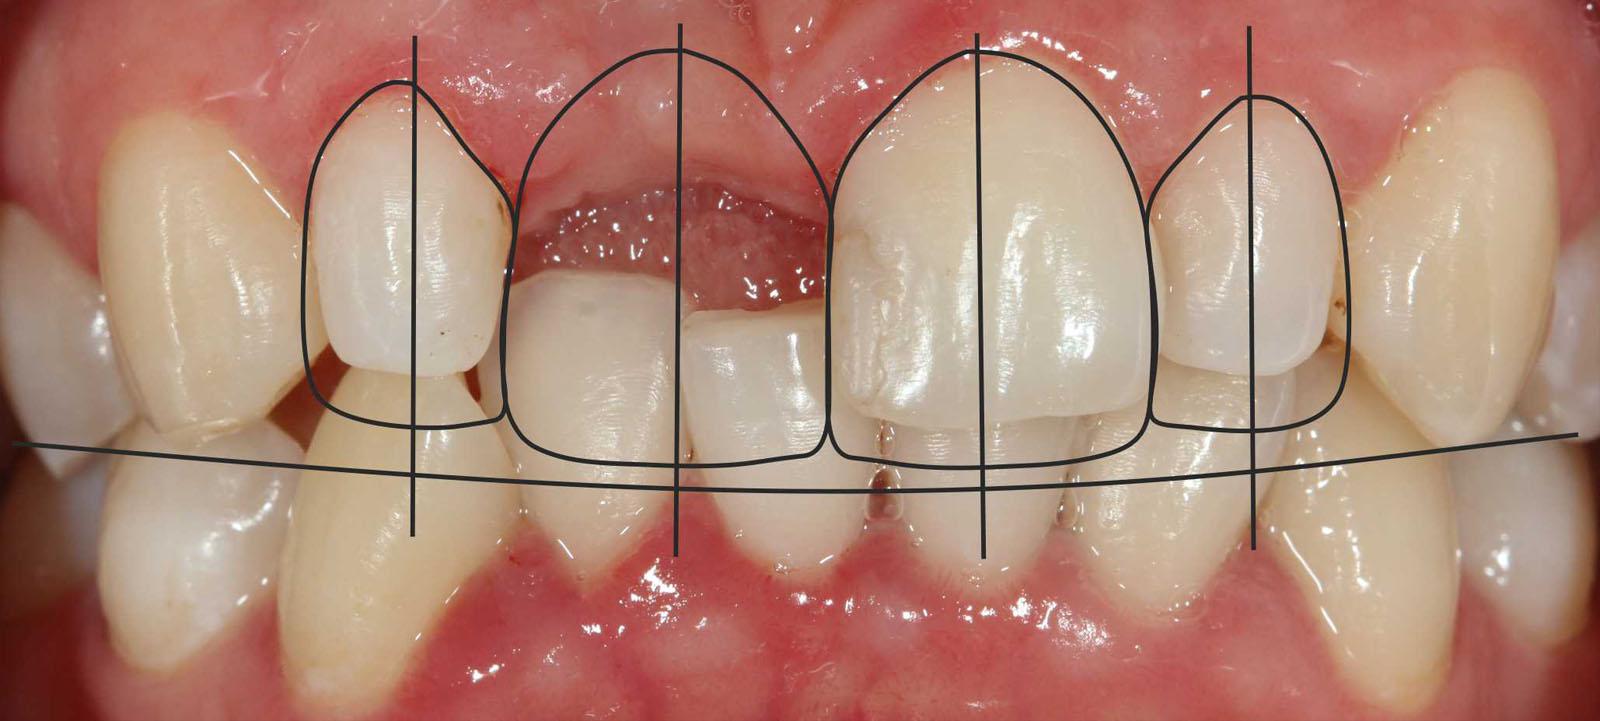 Как самому сделать передний зуб